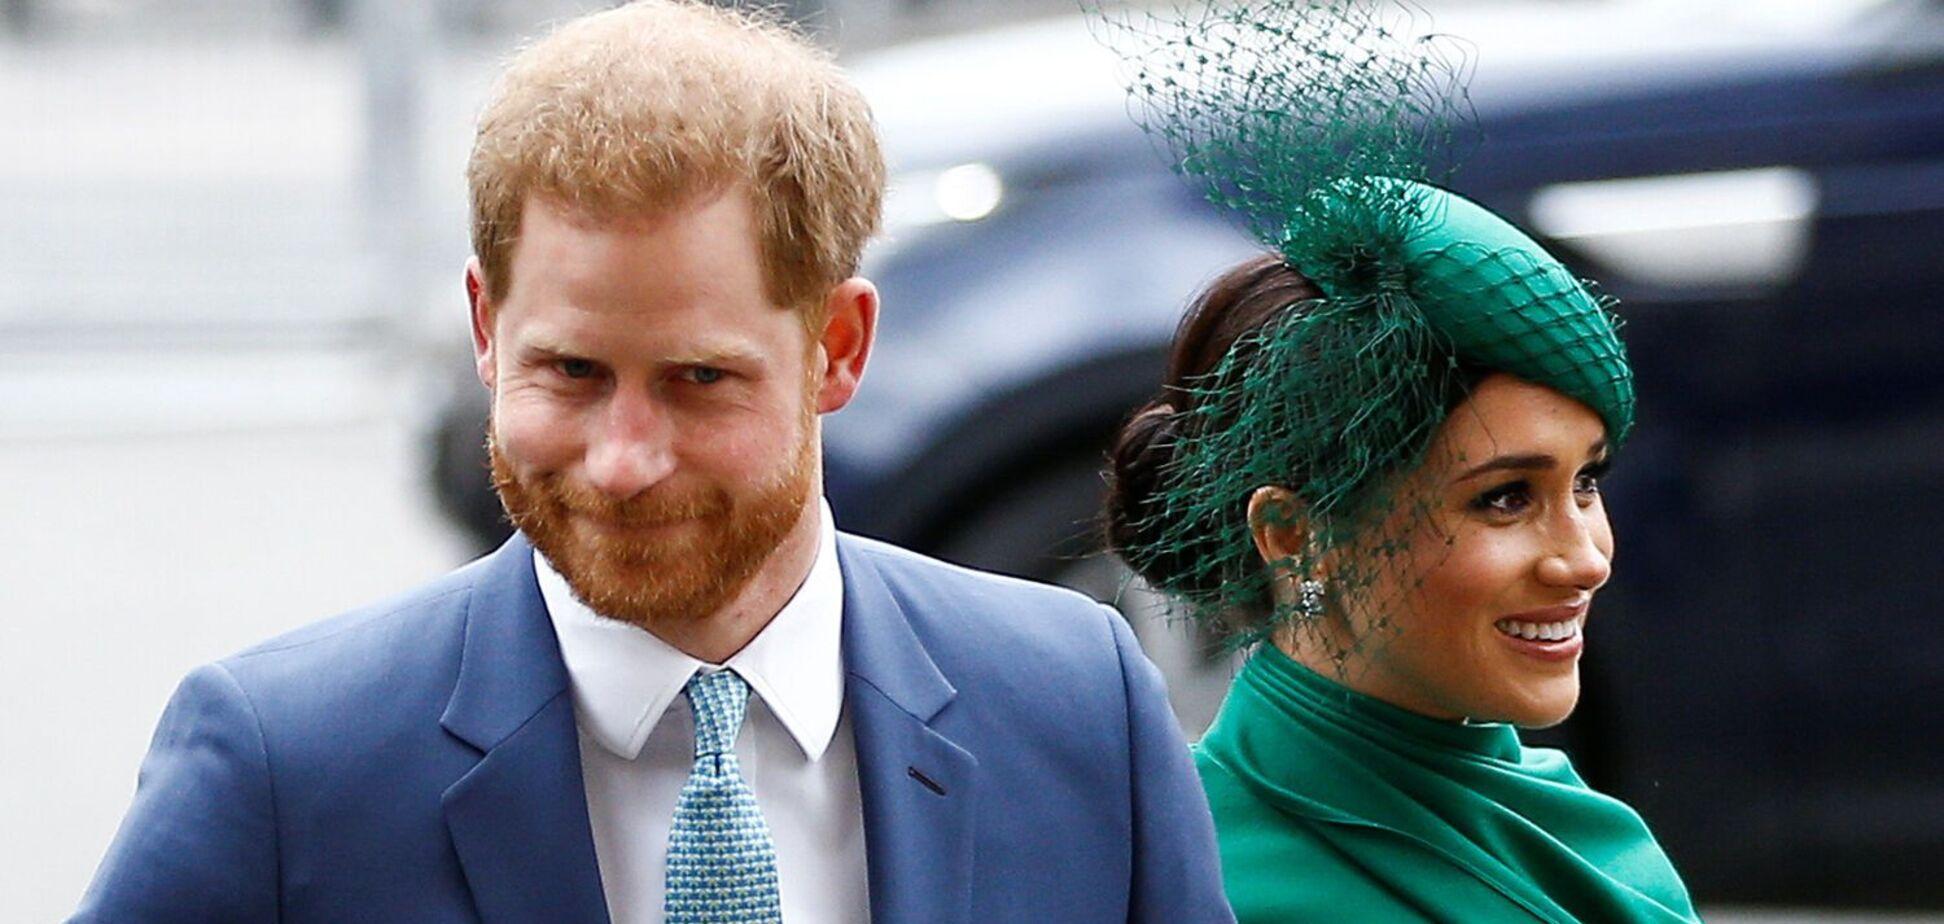 Меган Маркл потрапила в скандал через політику: герцогиня порушила королевський протокол